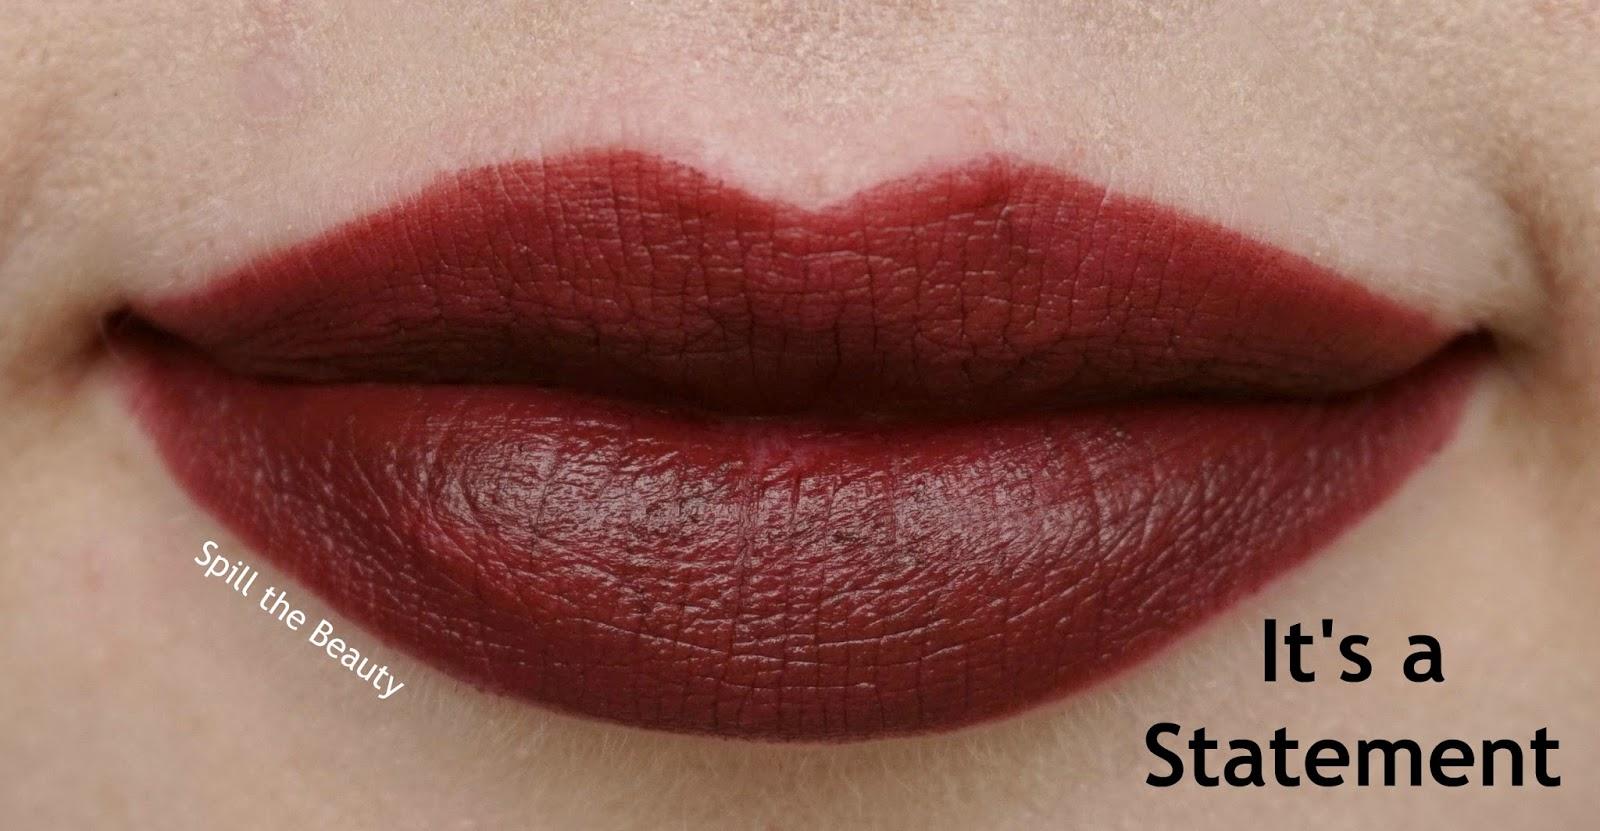 essence matt matt matt lipstick review swatches 8 it's a statement